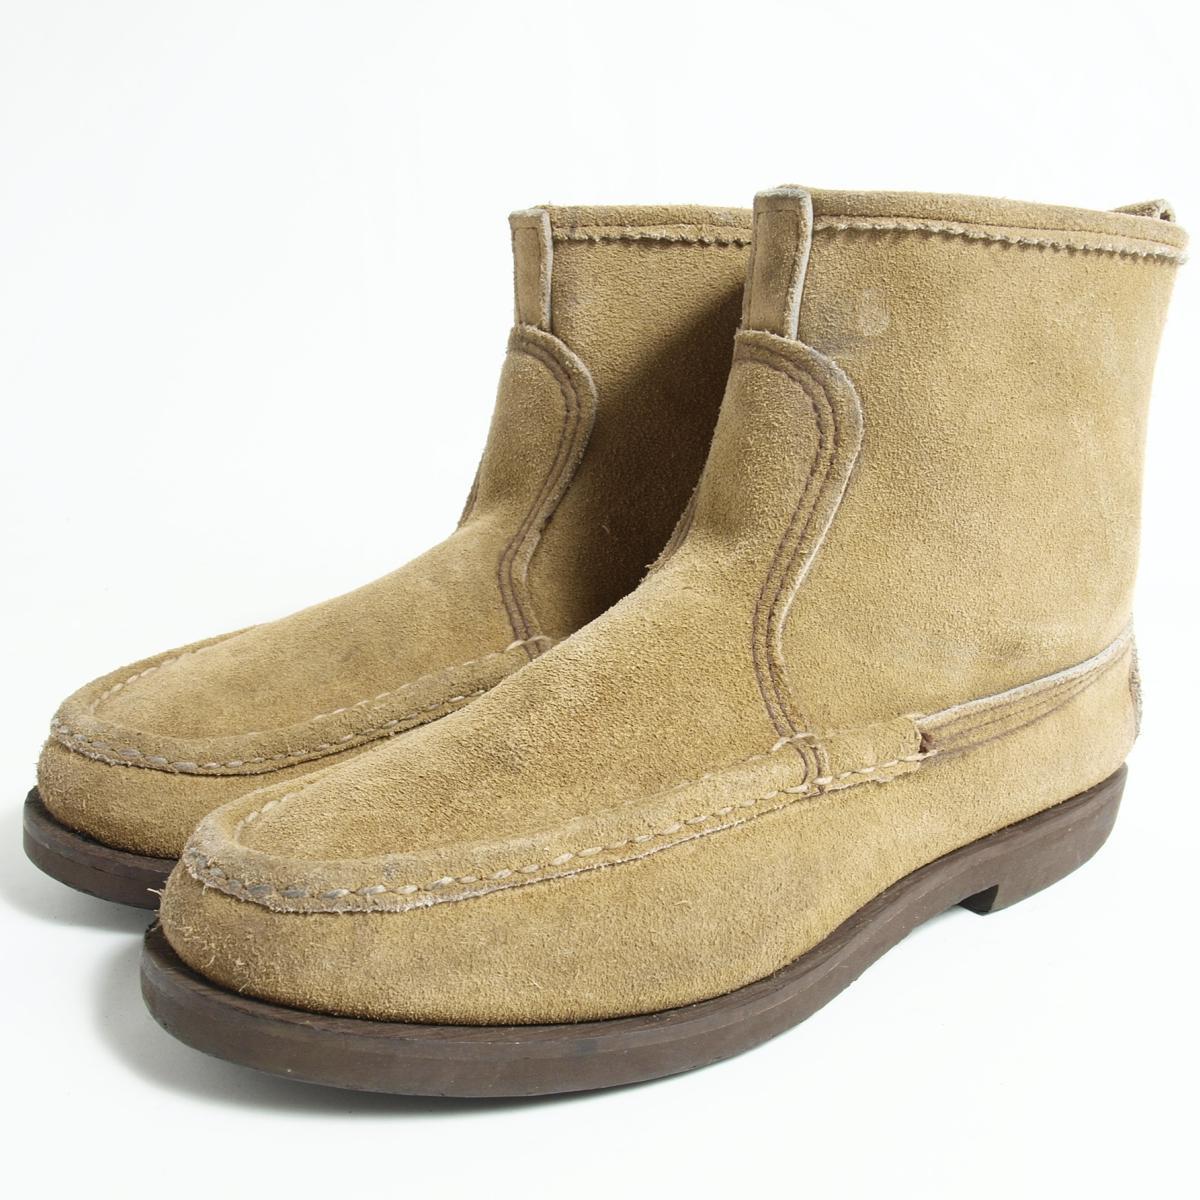 ラッセルモカシン Knock A Bout Boots USA製 モカシンブーツ 7.5EE メンズ25.5cm RUSSELL MOCCASIN /bok7203 【中古】 【170226】